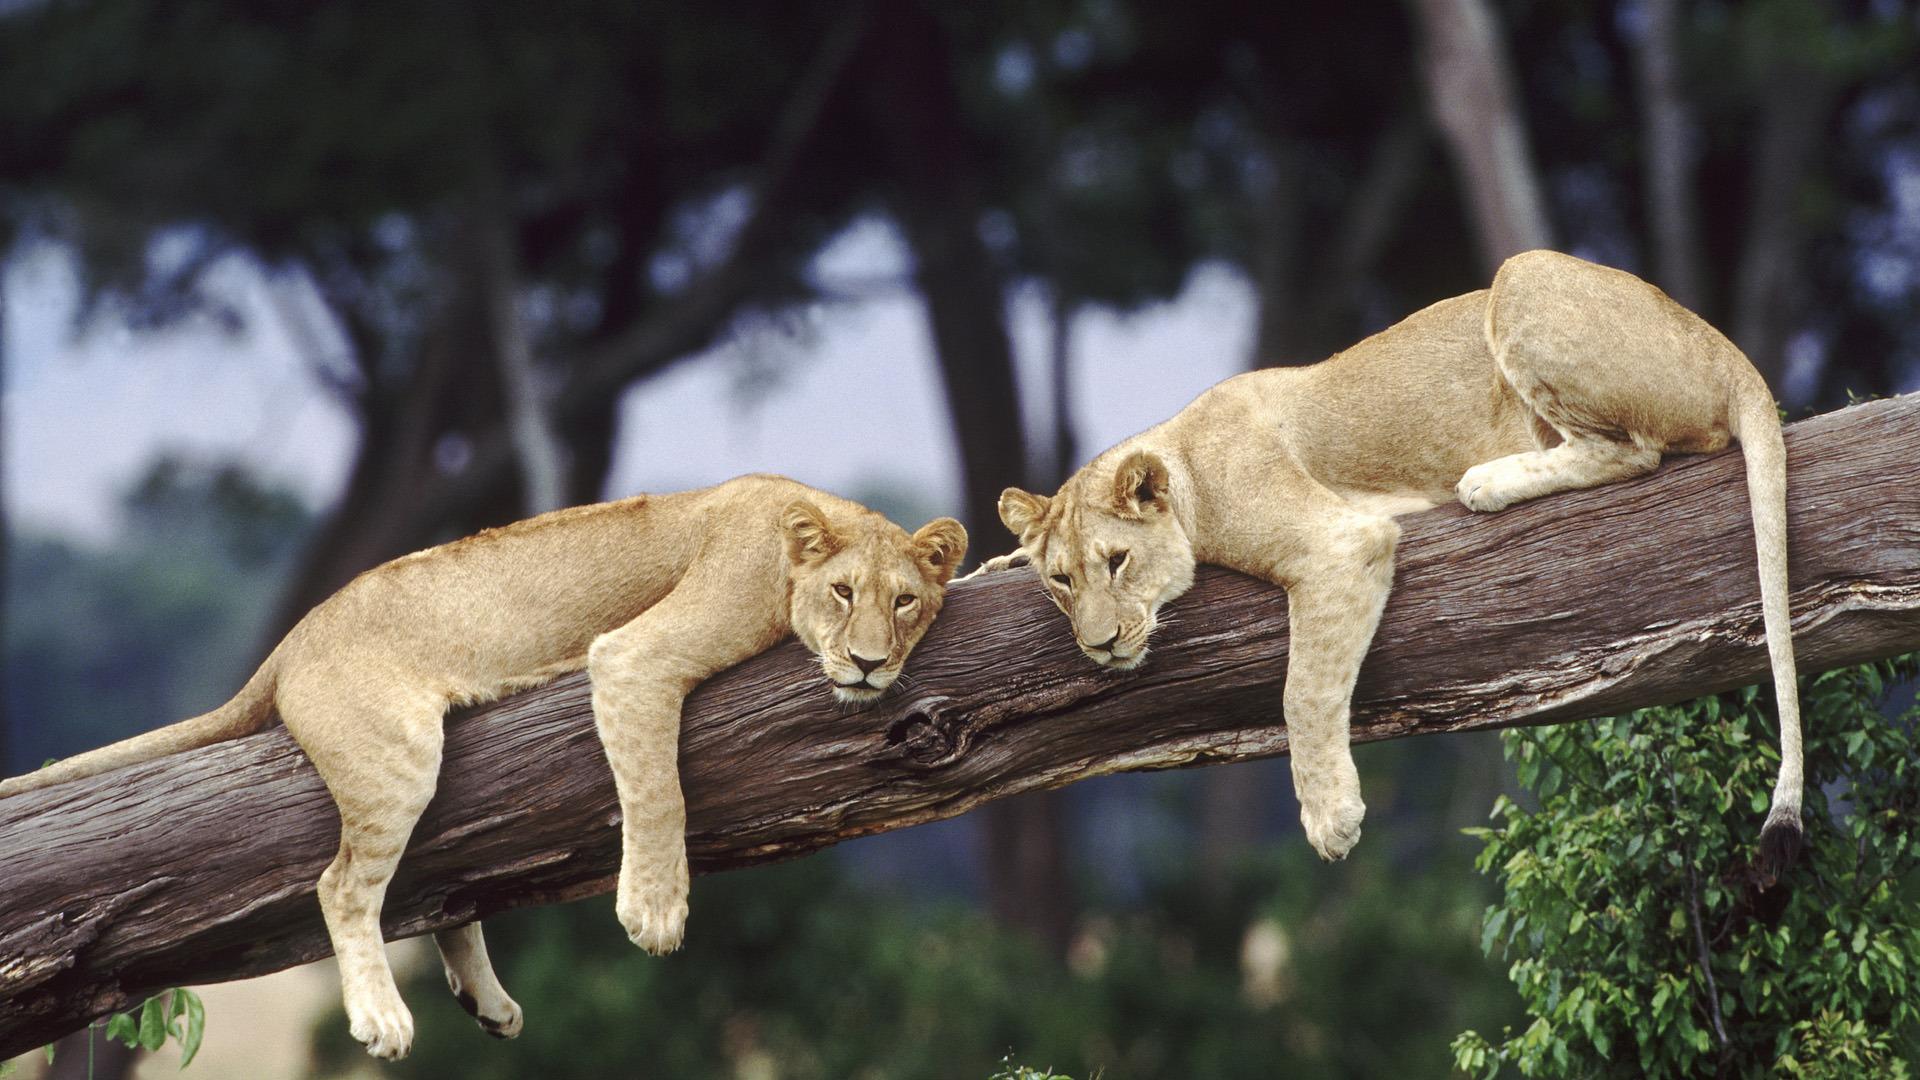 3d Wallpaper Lionnes est sur les lions d'arbres wallpaper